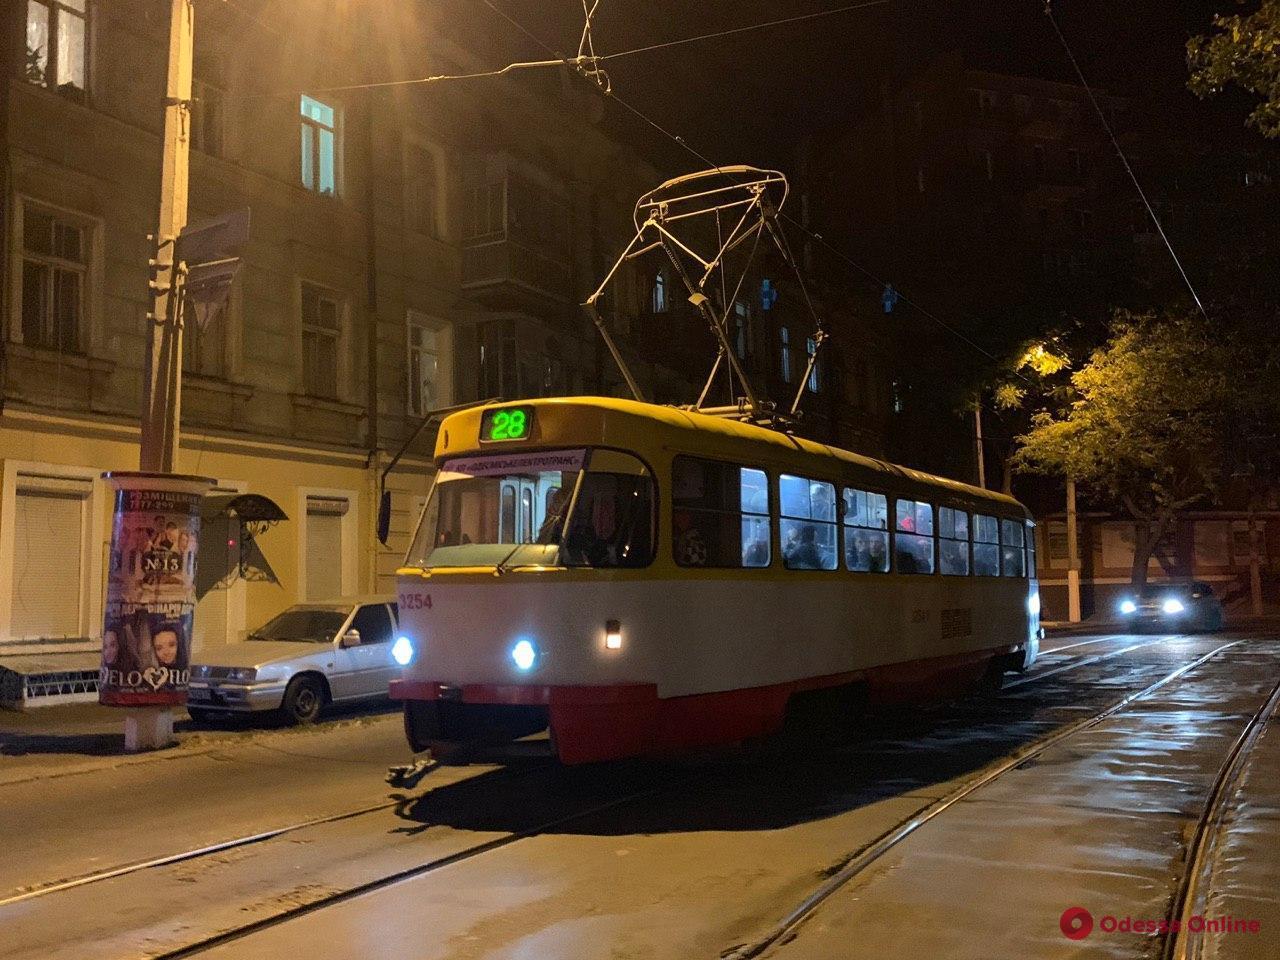 Избиение водителя трамвая на Старопортофранковской — опубликована видеозапись инцидента